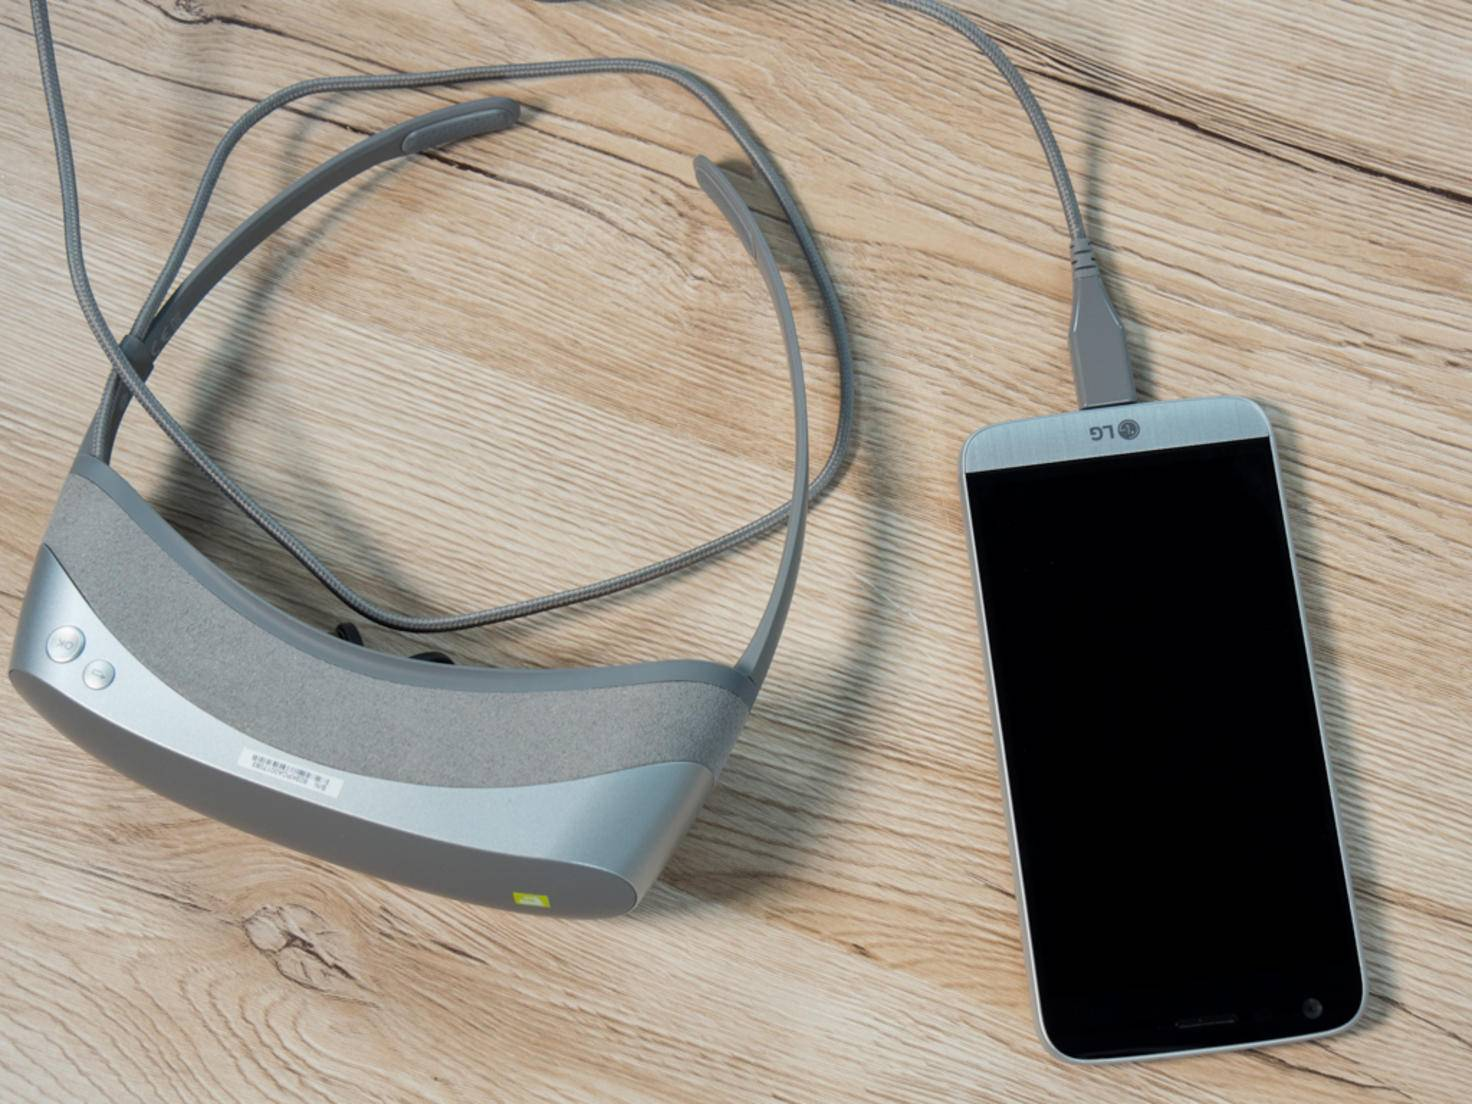 Die LG 360 VR wird mit einem USB-Kabel an das LG G5 angeschlossen.